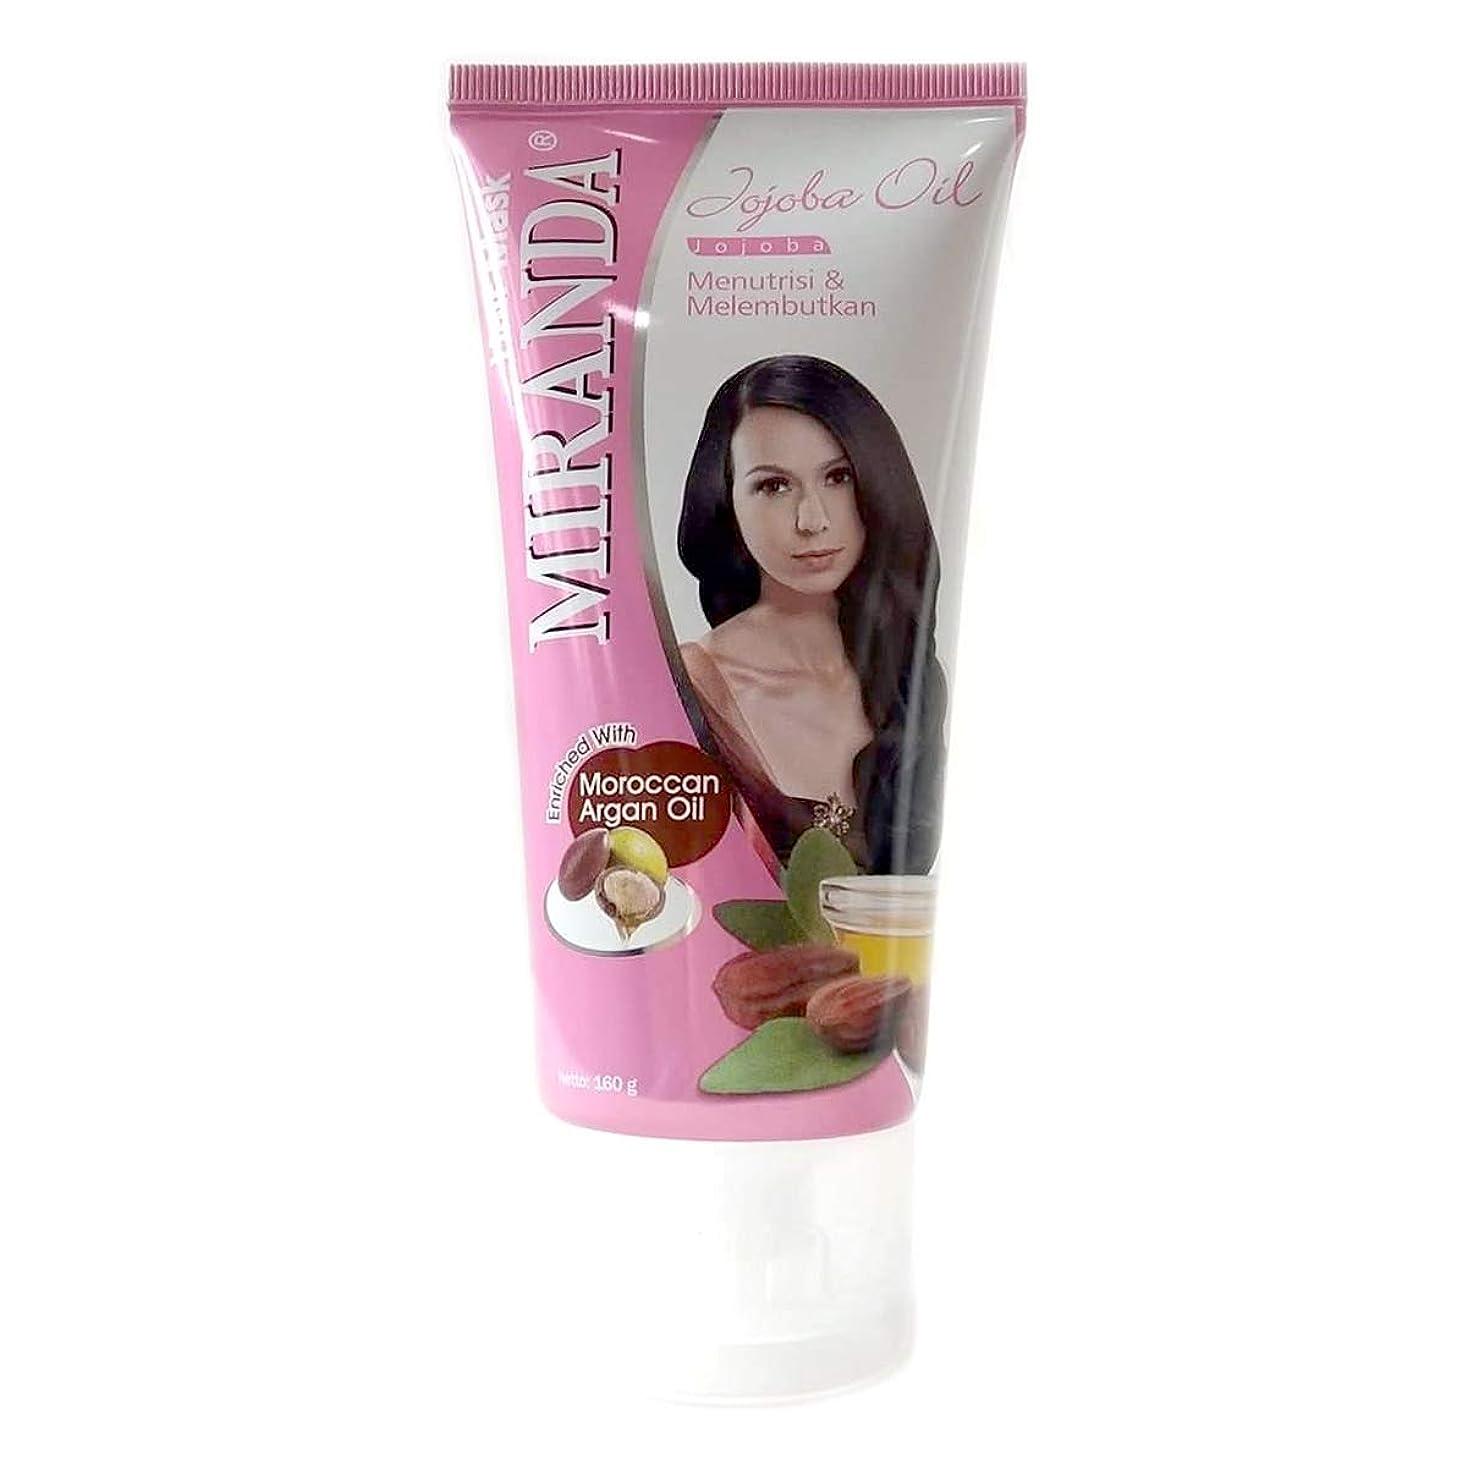 整理するセント全部MIRANDA ミランダ Hair Mask ヘアマスク モロッカンアルガンオイル主成分のヘアトリートメント 160g Jojoba oil ホホバオイル [海外直送品]